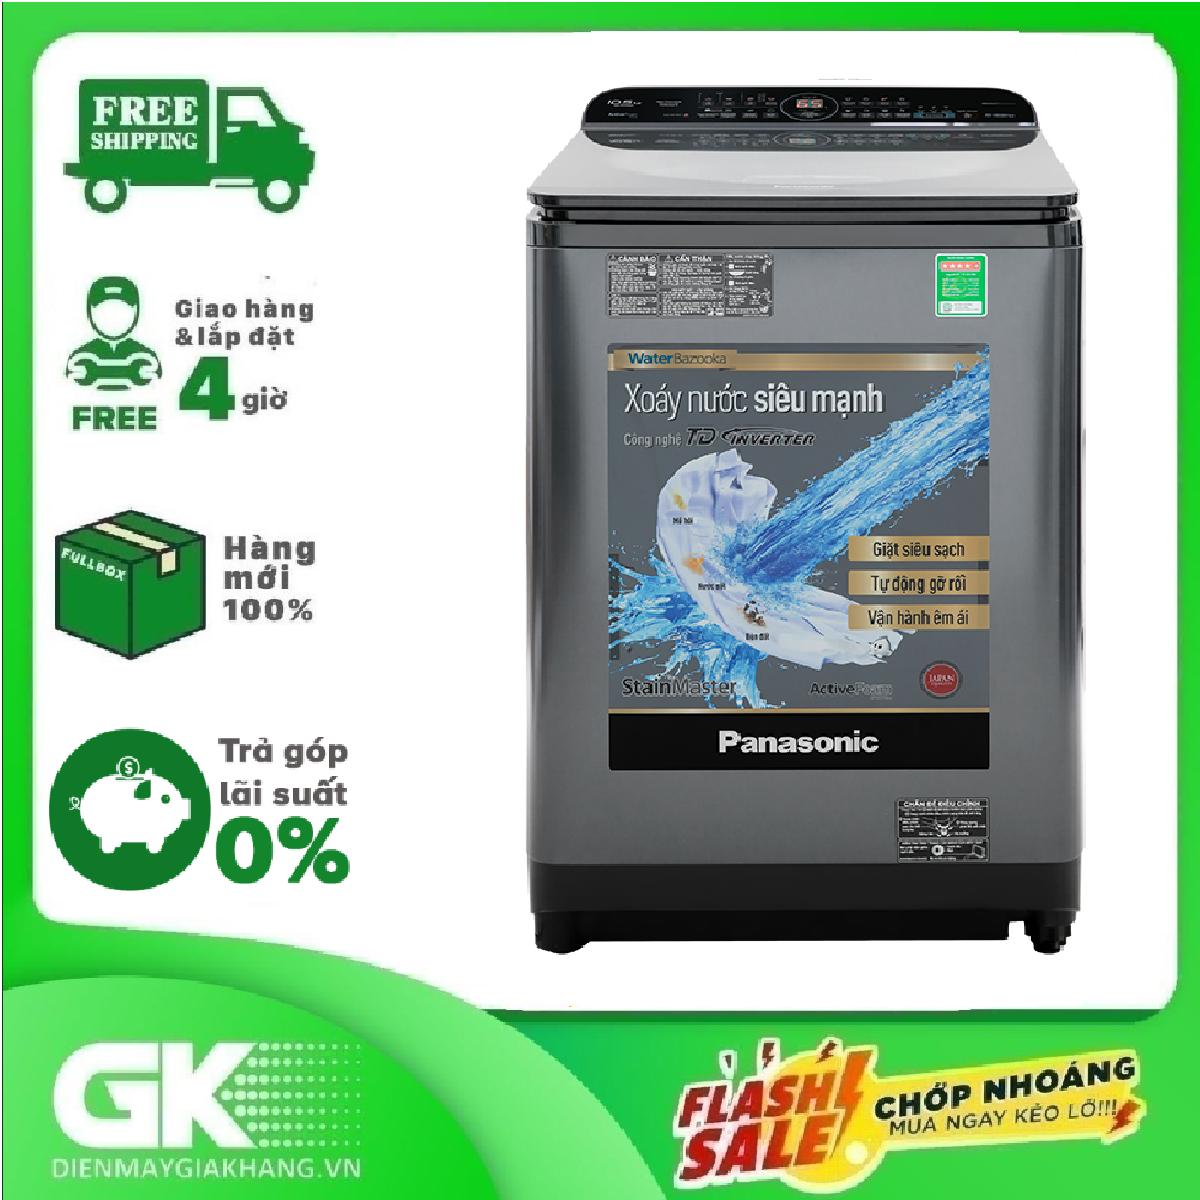 TRẢ GÓP 0% - Máy giặt Panasonic Inverter 10.5 Kg NA-FD10AR1BV- Bảo hành 2 năm